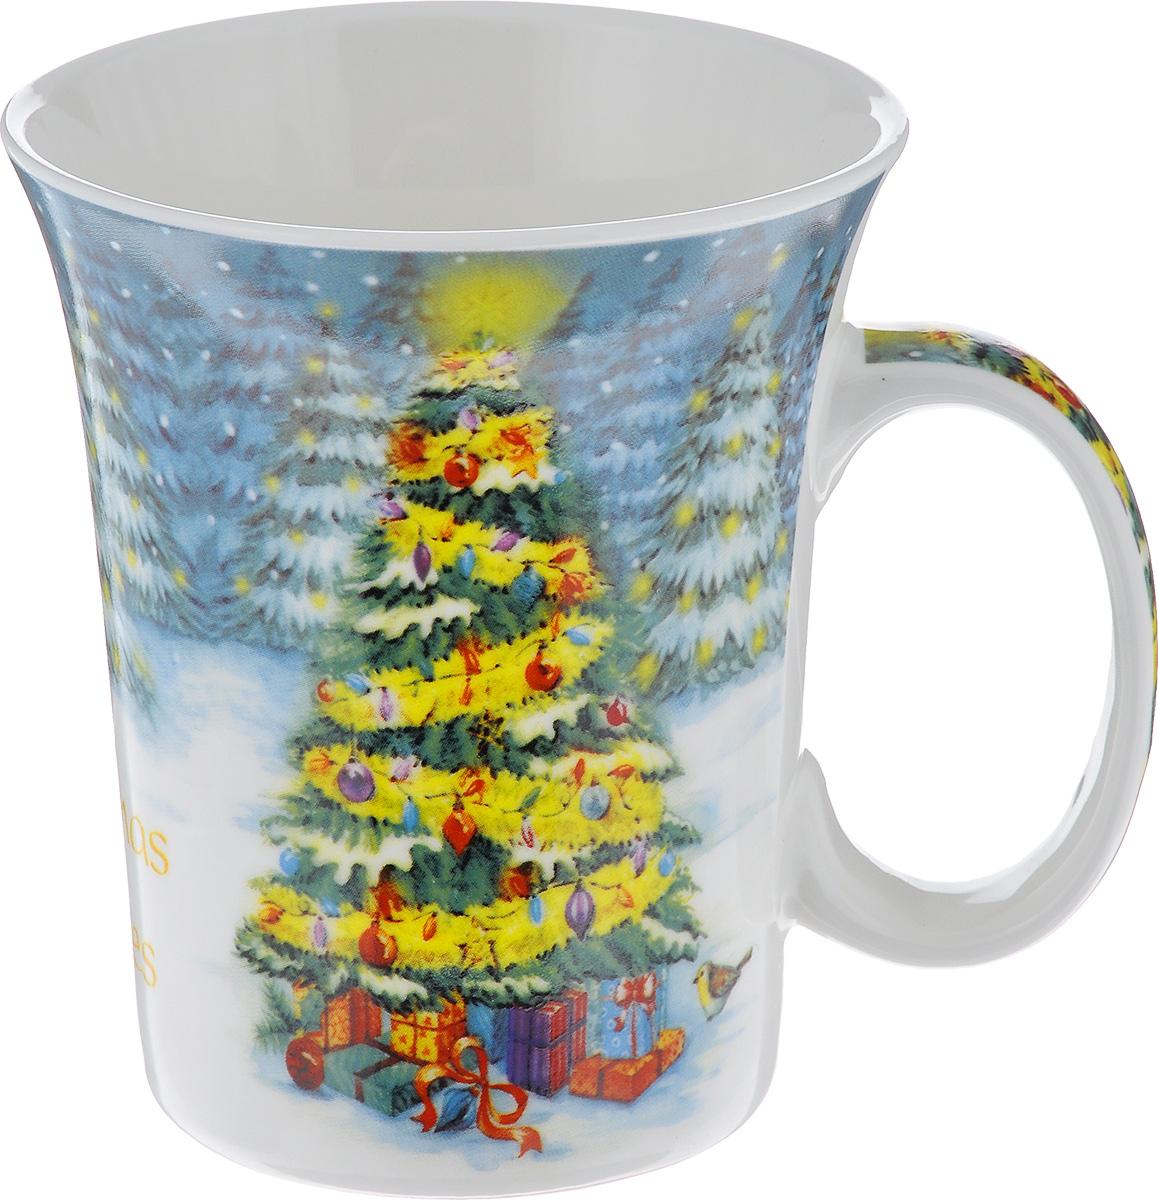 Кружка Lillo Елочка, цвет: желтый, белый, серый, 350 мл216041_елочкаКружка Lillo Елочка выполнена из высококачественной керамики и оформлена красочным изображением новогодней ели и надписью. Такая кружка сделает чаепитие еще приятнее и позволит почувствовать волшебство новогодних праздников. Может послужить приятным и практичным сувениром. Диаметр чашки по верхнему краю: 8 см. Высота чашки: 10 см. Объем чашки: 350 мл.